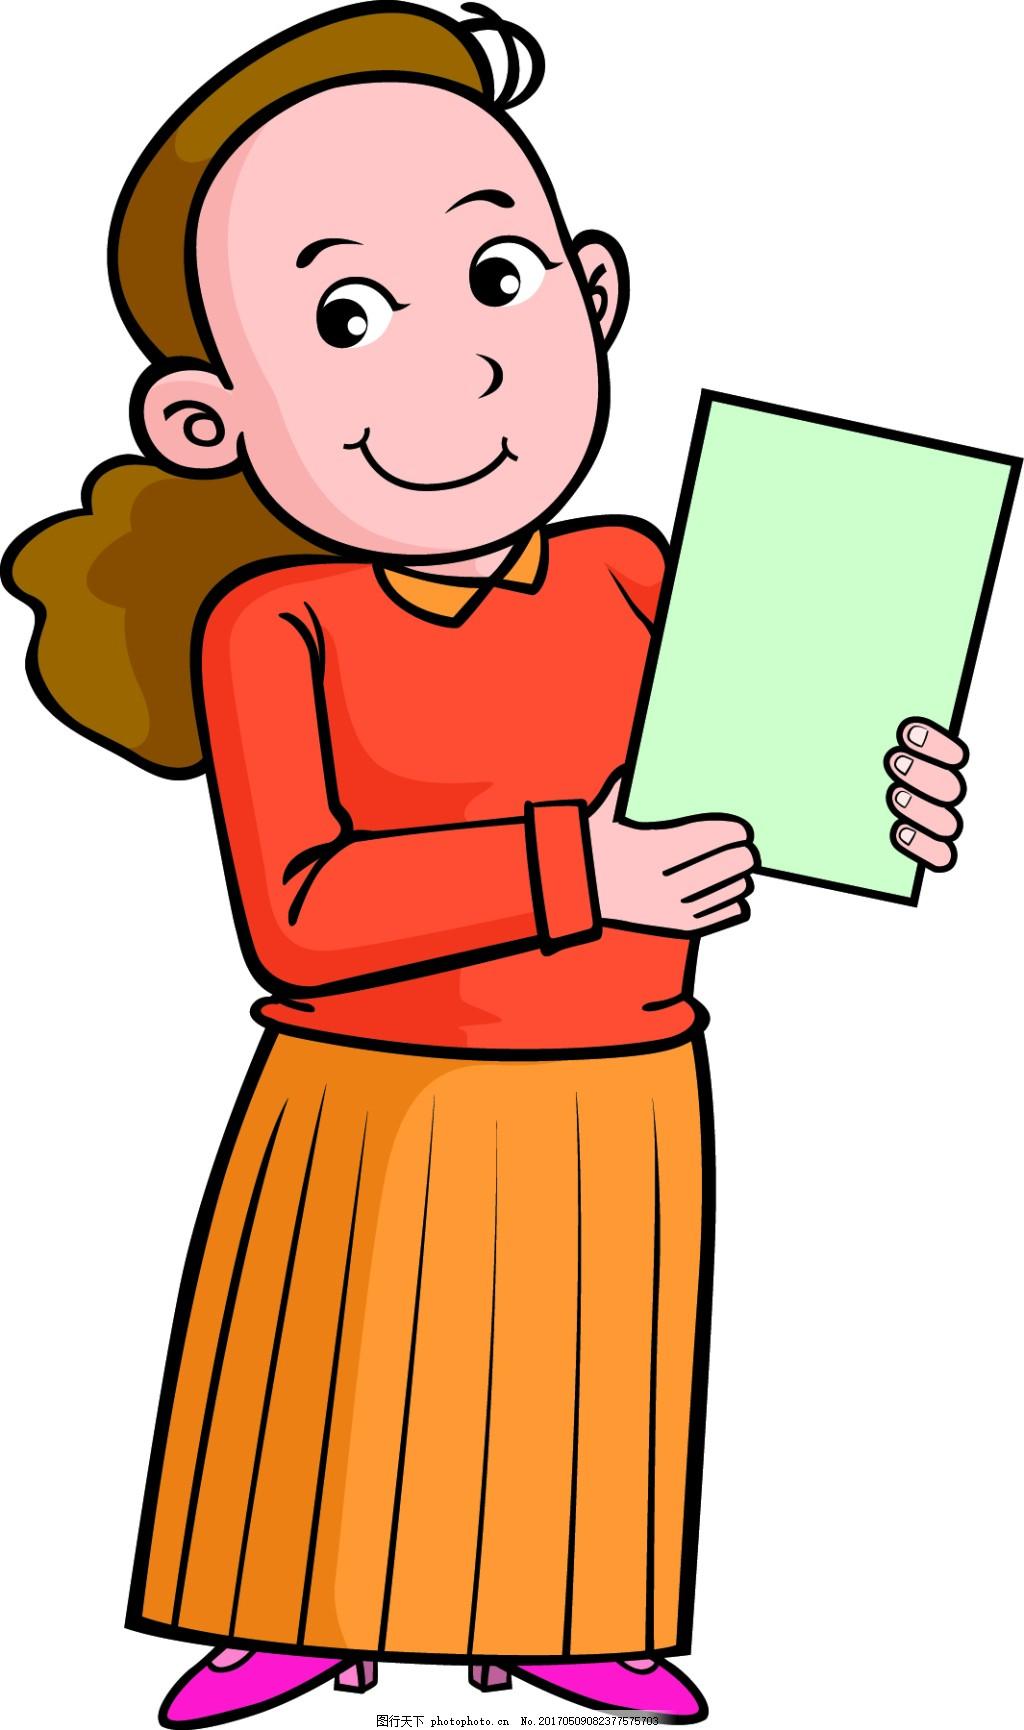 卡通家庭主妇人物素材设计 卡通人物 教师 女性